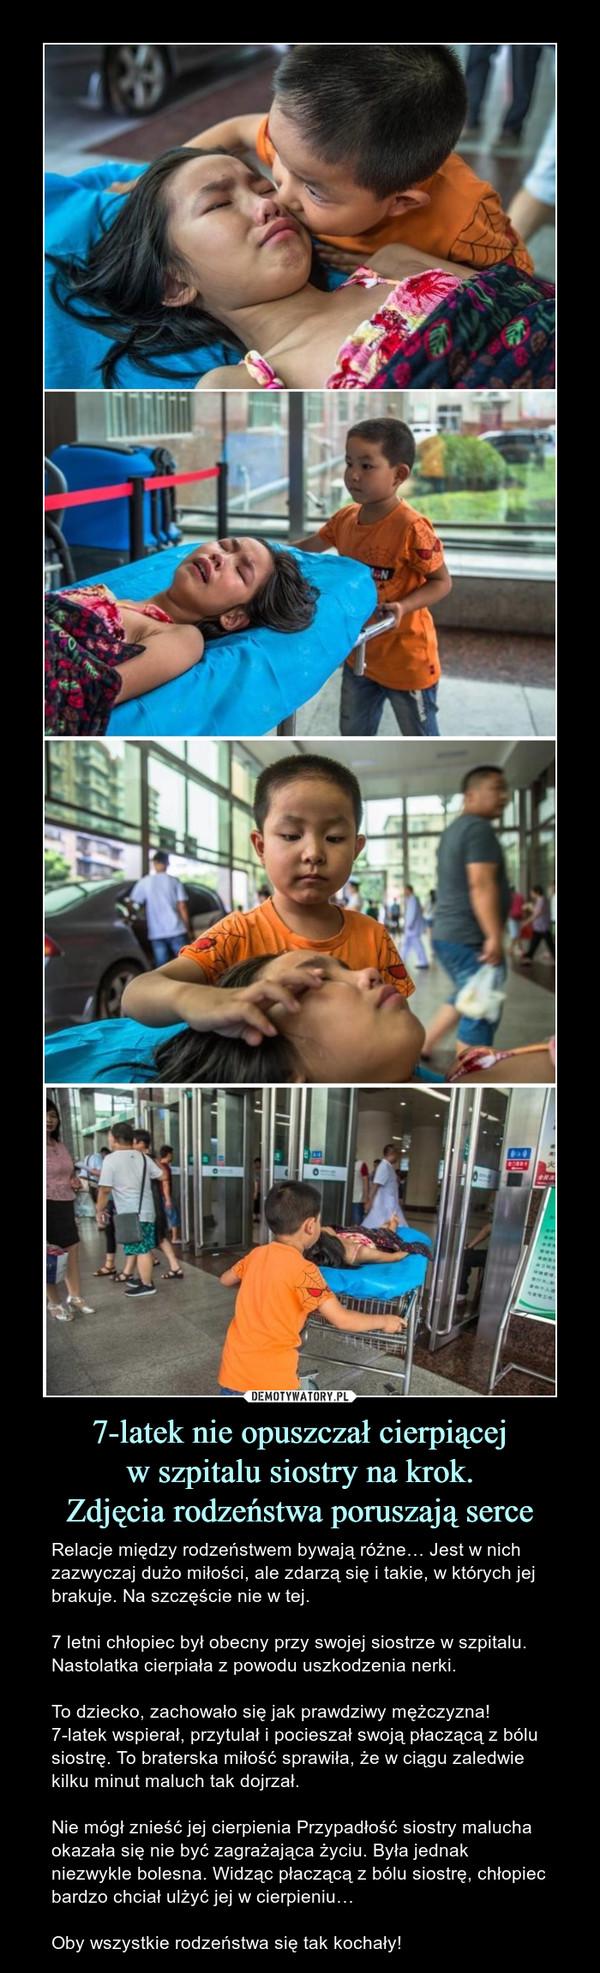 7-latek nie opuszczał cierpiącejw szpitalu siostry na krok.Zdjęcia rodzeństwa poruszają serce – Relacje między rodzeństwem bywają różne… Jest w nich zazwyczaj dużo miłości, ale zdarzą się i takie, w których jej brakuje. Na szczęście nie w tej. 7 letni chłopiec był obecny przy swojej siostrze w szpitalu. Nastolatka cierpiała z powodu uszkodzenia nerki. To dziecko, zachowało się jak prawdziwy mężczyzna! 7-latek wspierał, przytulał i pocieszał swoją płaczącą z bólu siostrę. To braterska miłość sprawiła, że w ciągu zaledwie kilku minut maluch tak dojrzał.Nie mógł znieść jej cierpienia Przypadłość siostry malucha okazała się nie być zagrażająca życiu. Była jednak niezwykle bolesna. Widząc płaczącą z bólu siostrę, chłopiec bardzo chciał ulżyć jej w cierpieniu…Oby wszystkie rodzeństwa się tak kochały!